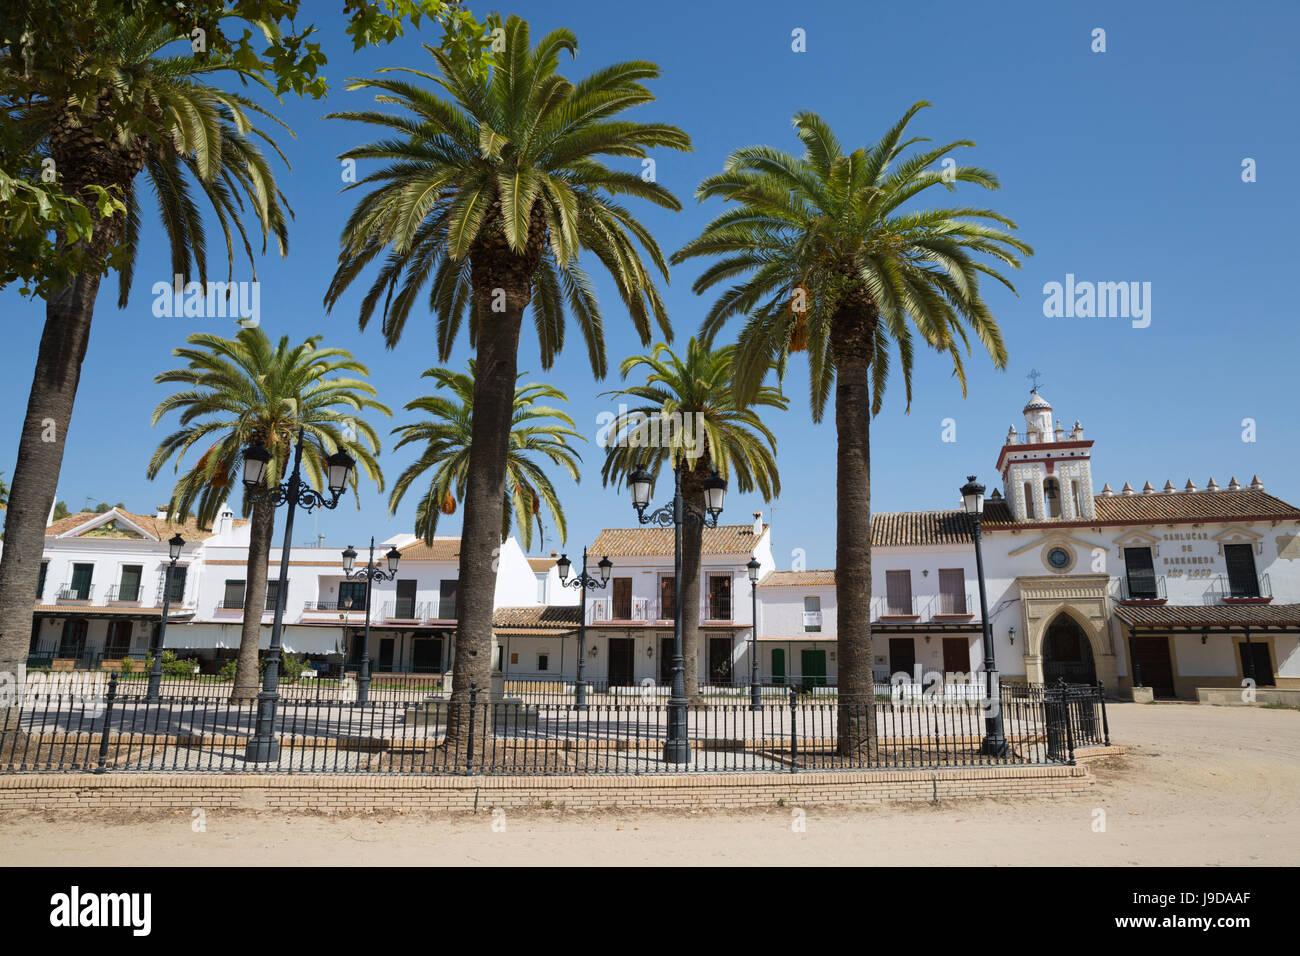 Sand Straßen und Brüderlichkeit Häuser, El Rocio, Provinz Huelva, Andalusien, Spanien, Europa Stockbild